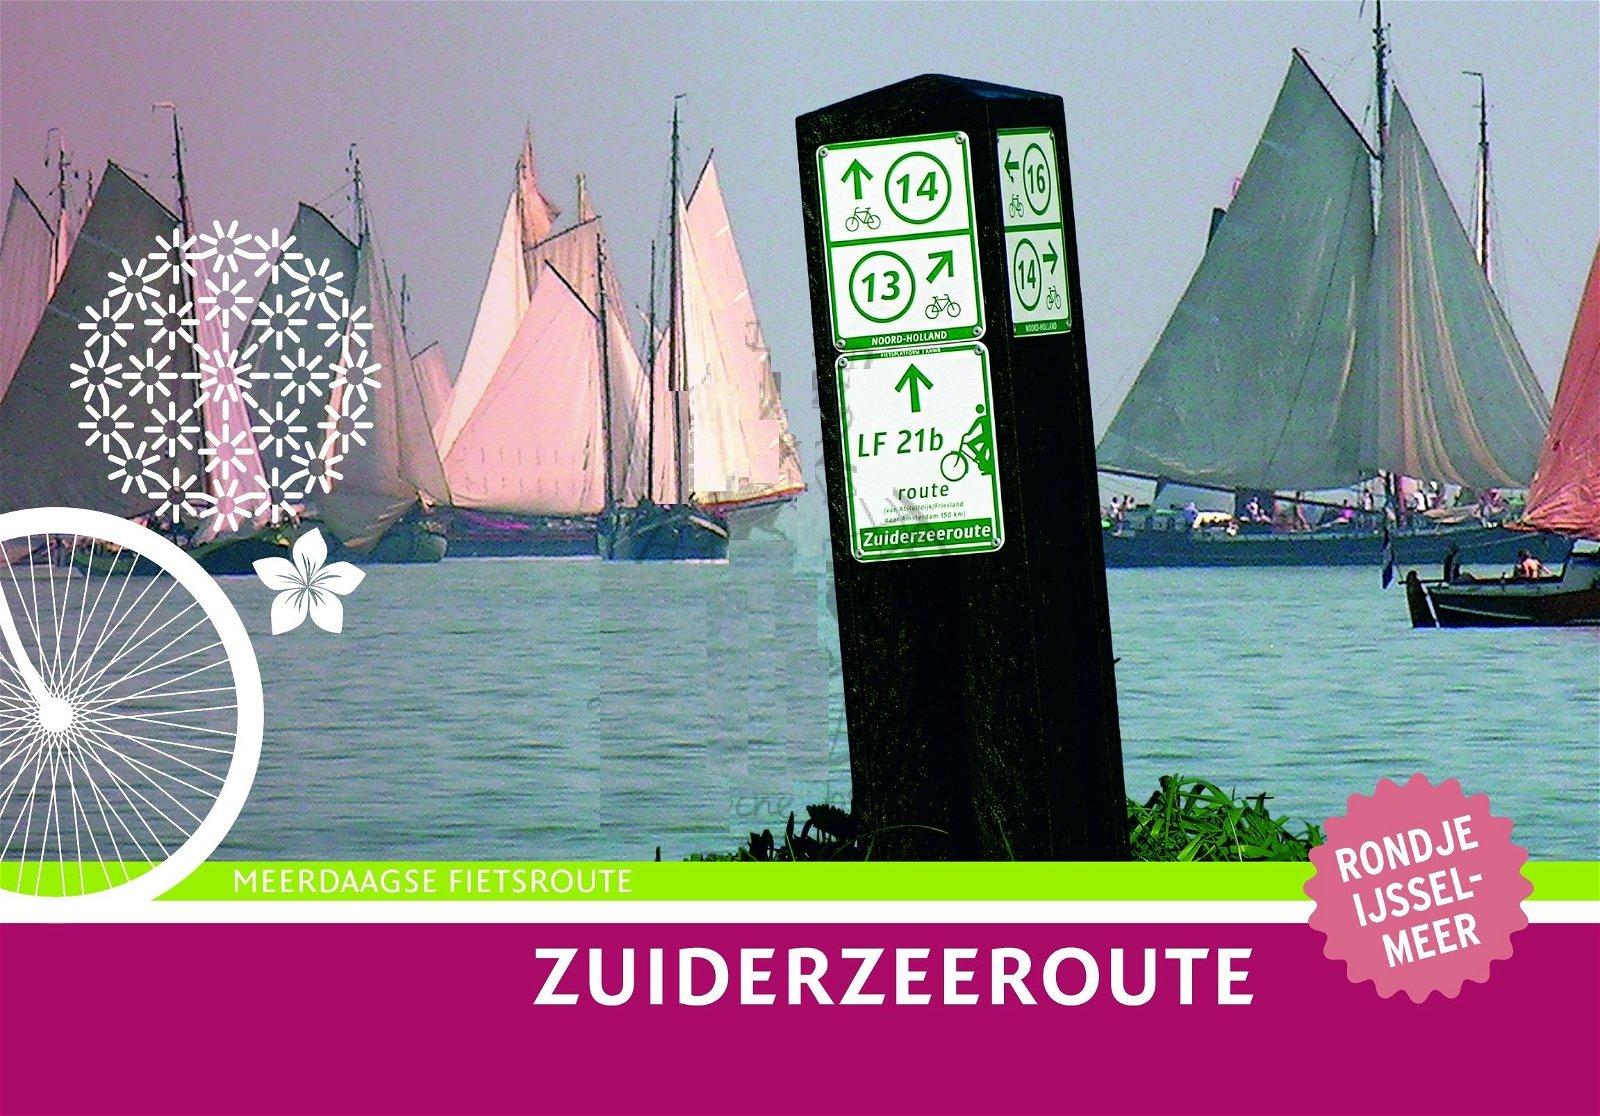 Zuiderzeeroute 9789058818898 Diederik Mönch Buijten & Schipperheijn meerdaagse fietsroutes (NL)  Fietsgidsen Nederland